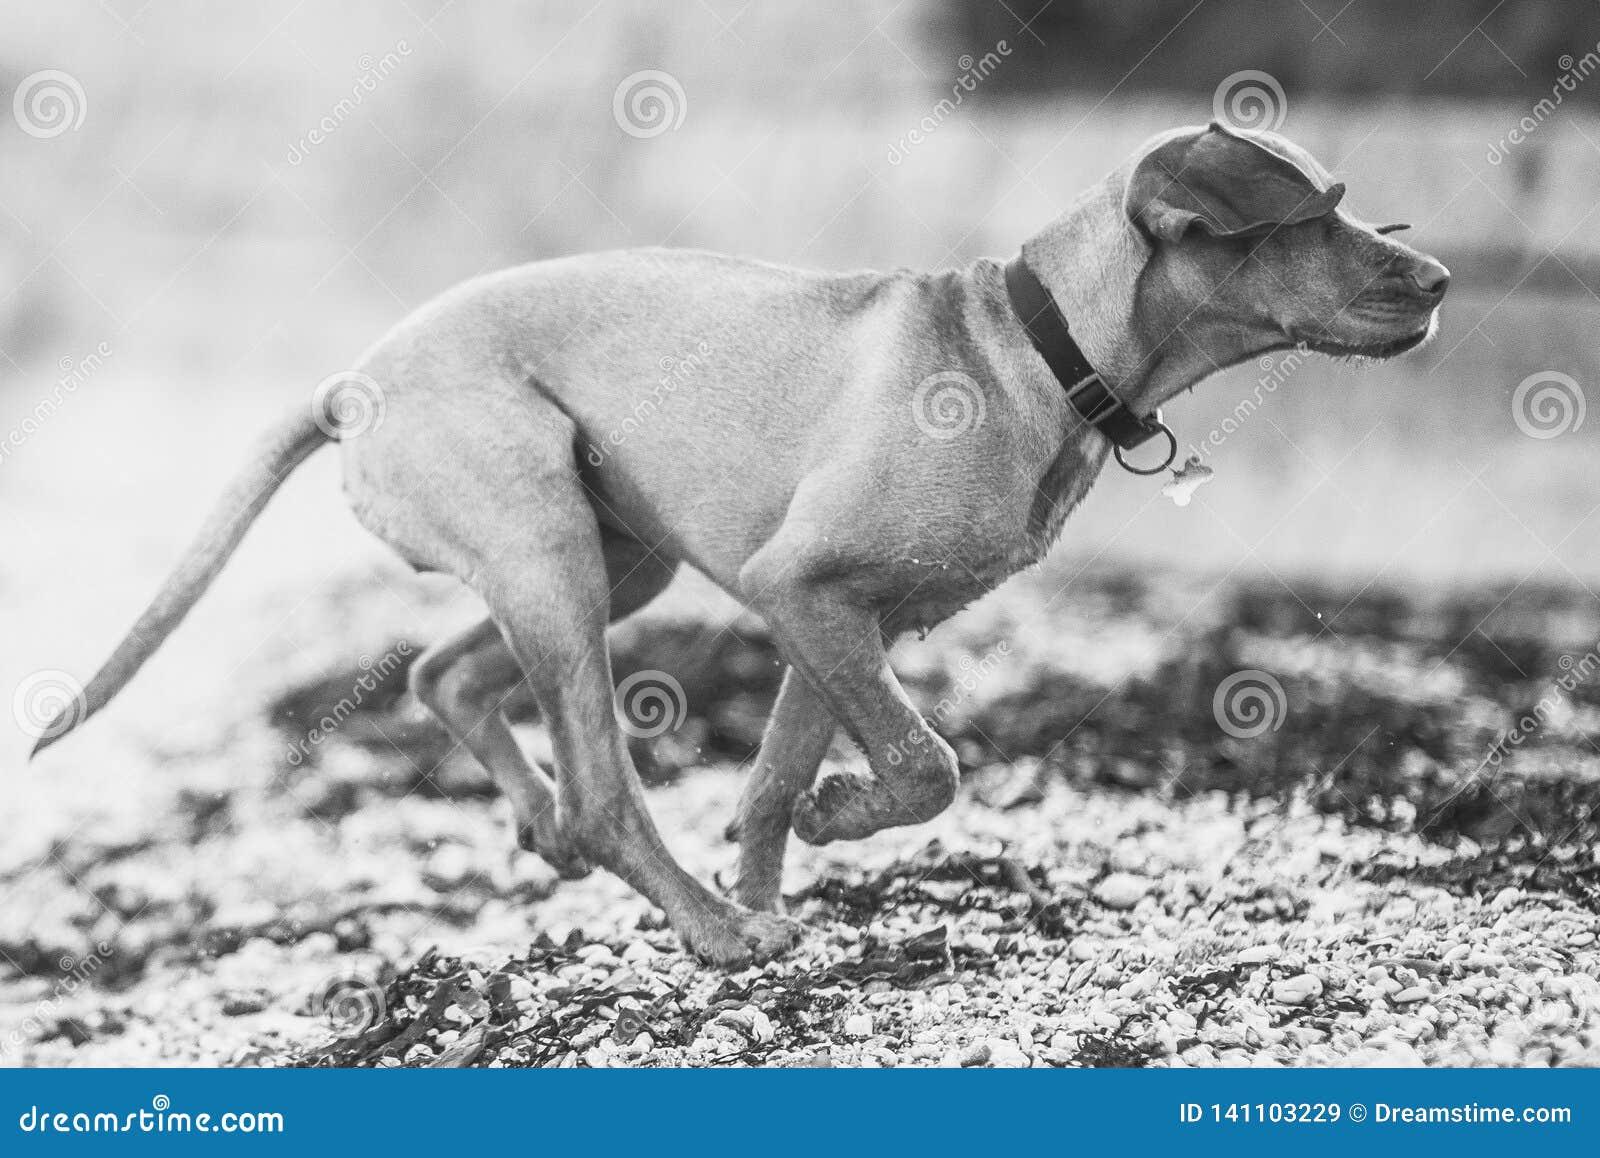 Svartvit bild av en hundspring